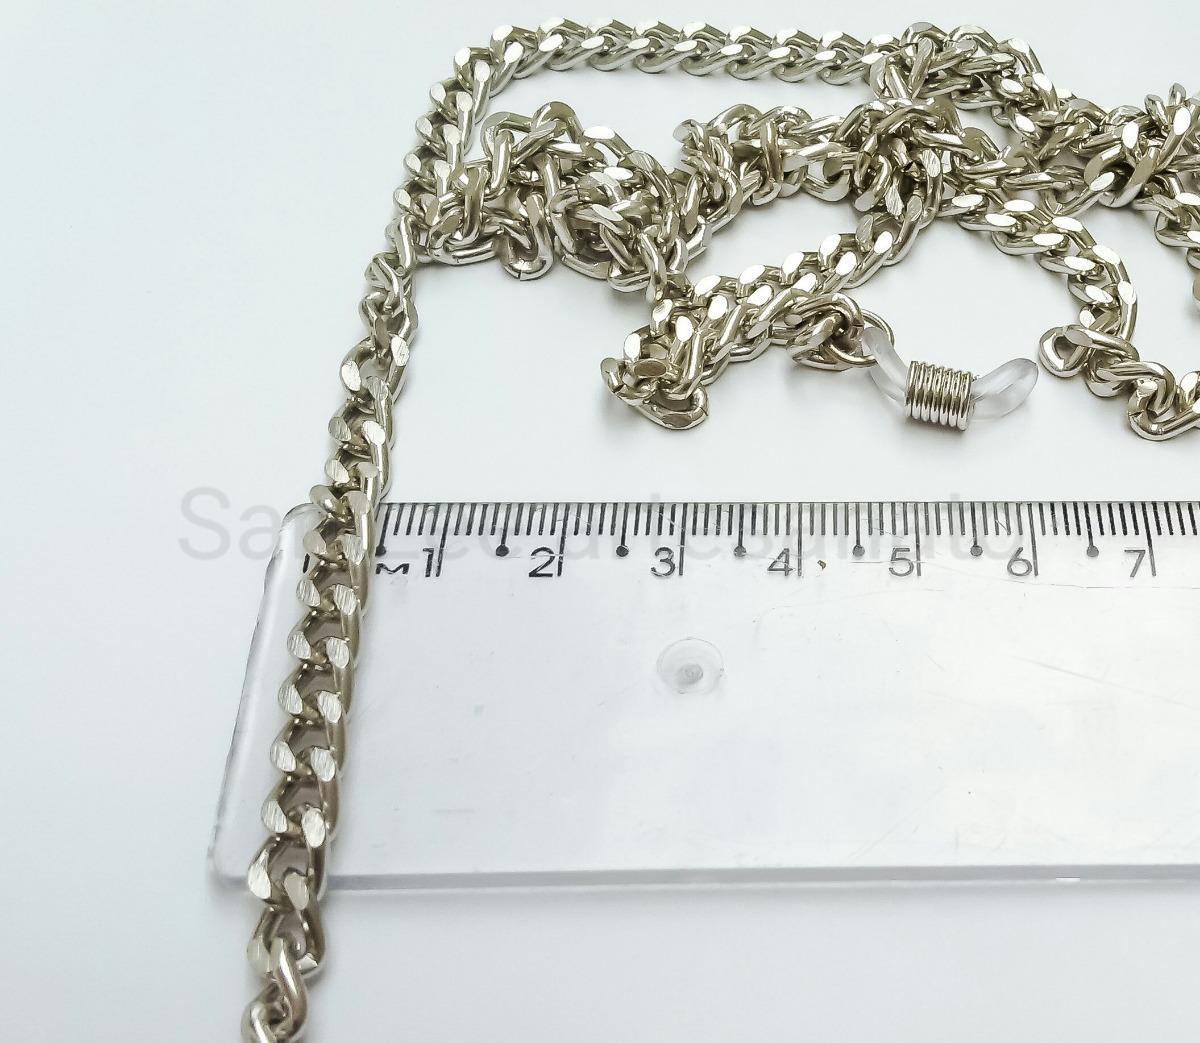 cb3d7c5e3d58 cordão segura óculos/salva óculos corrente prata 5mm. Carregando zoom.